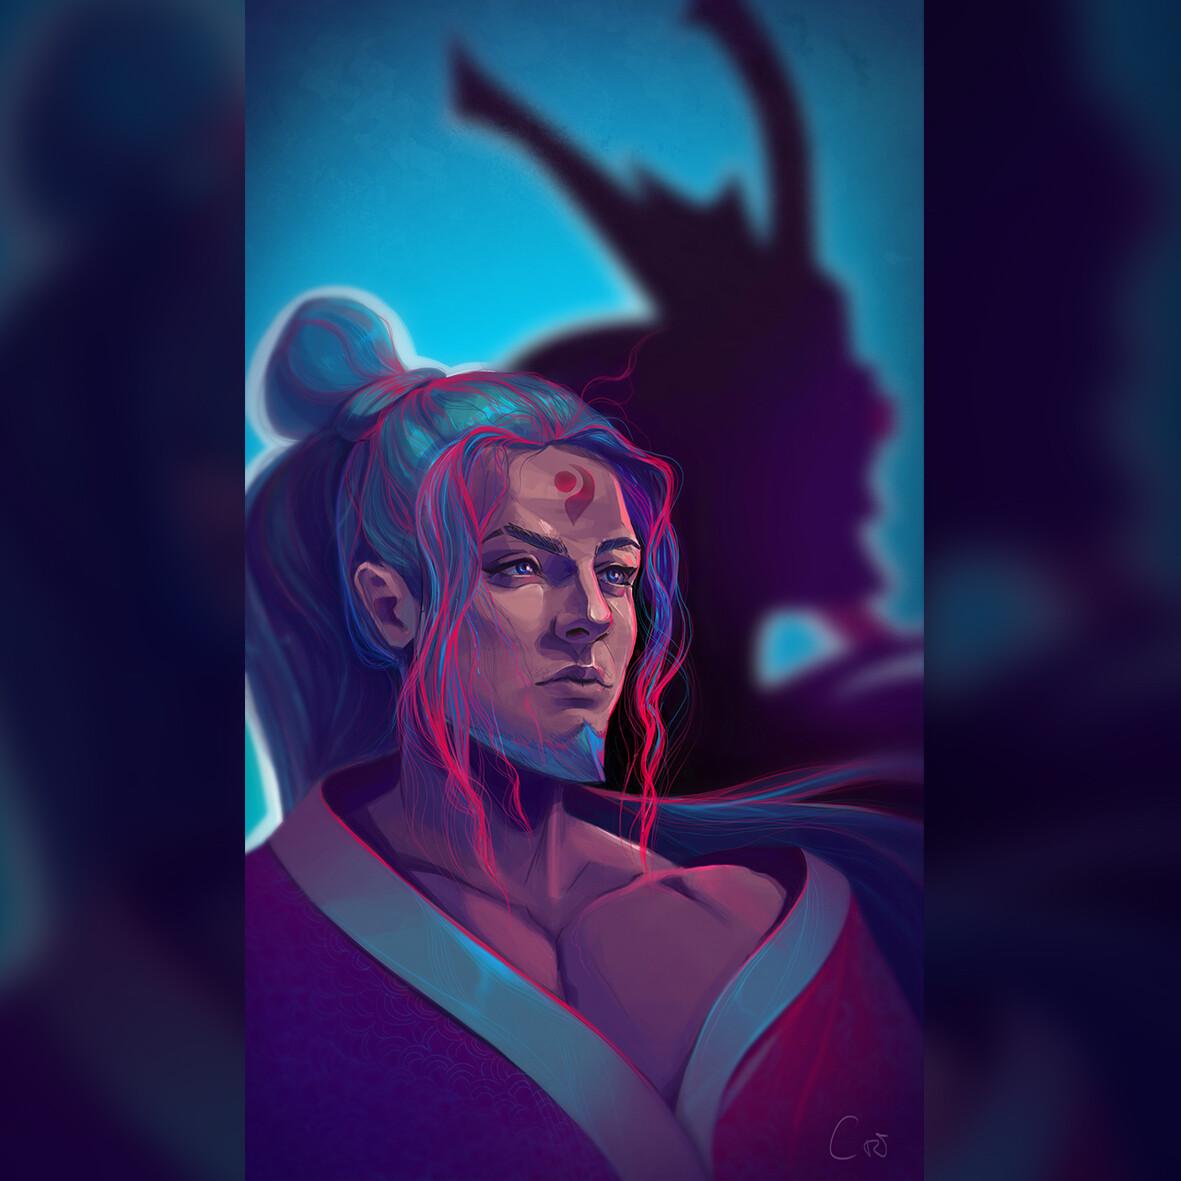 Iulia crimson 2